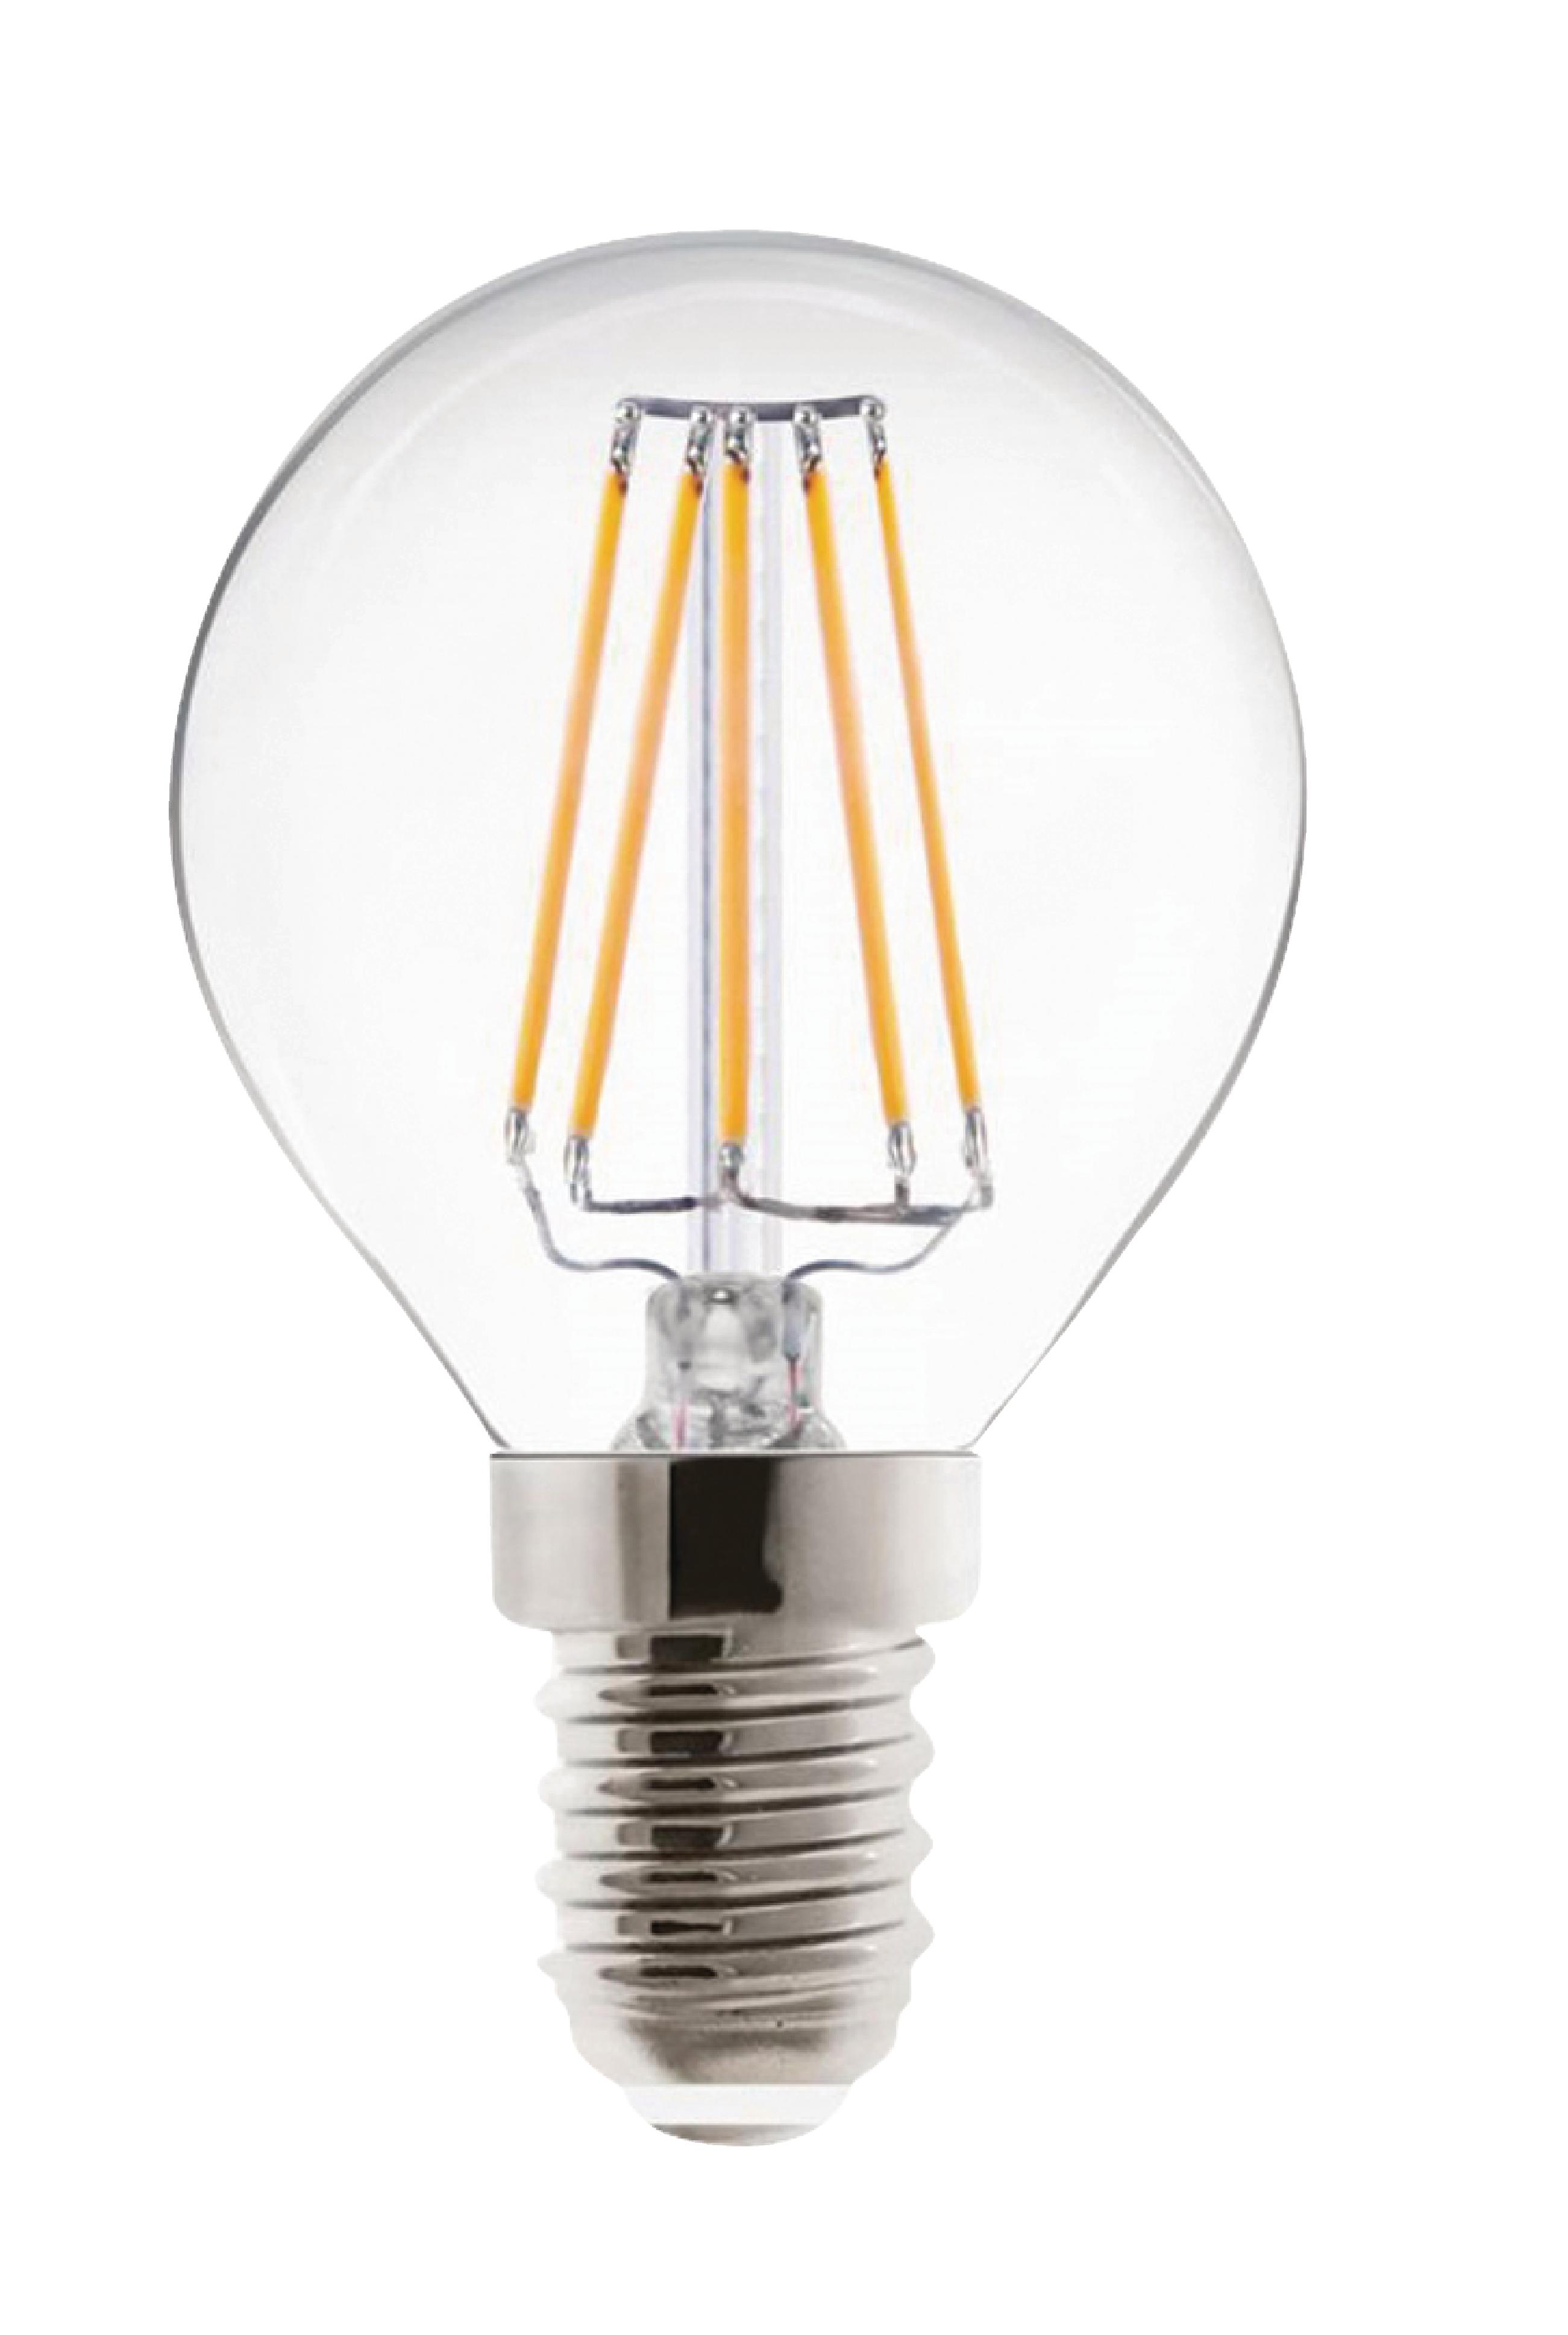 Glühlampe LED Vintage Globe 2 W 245 lm 2700 K